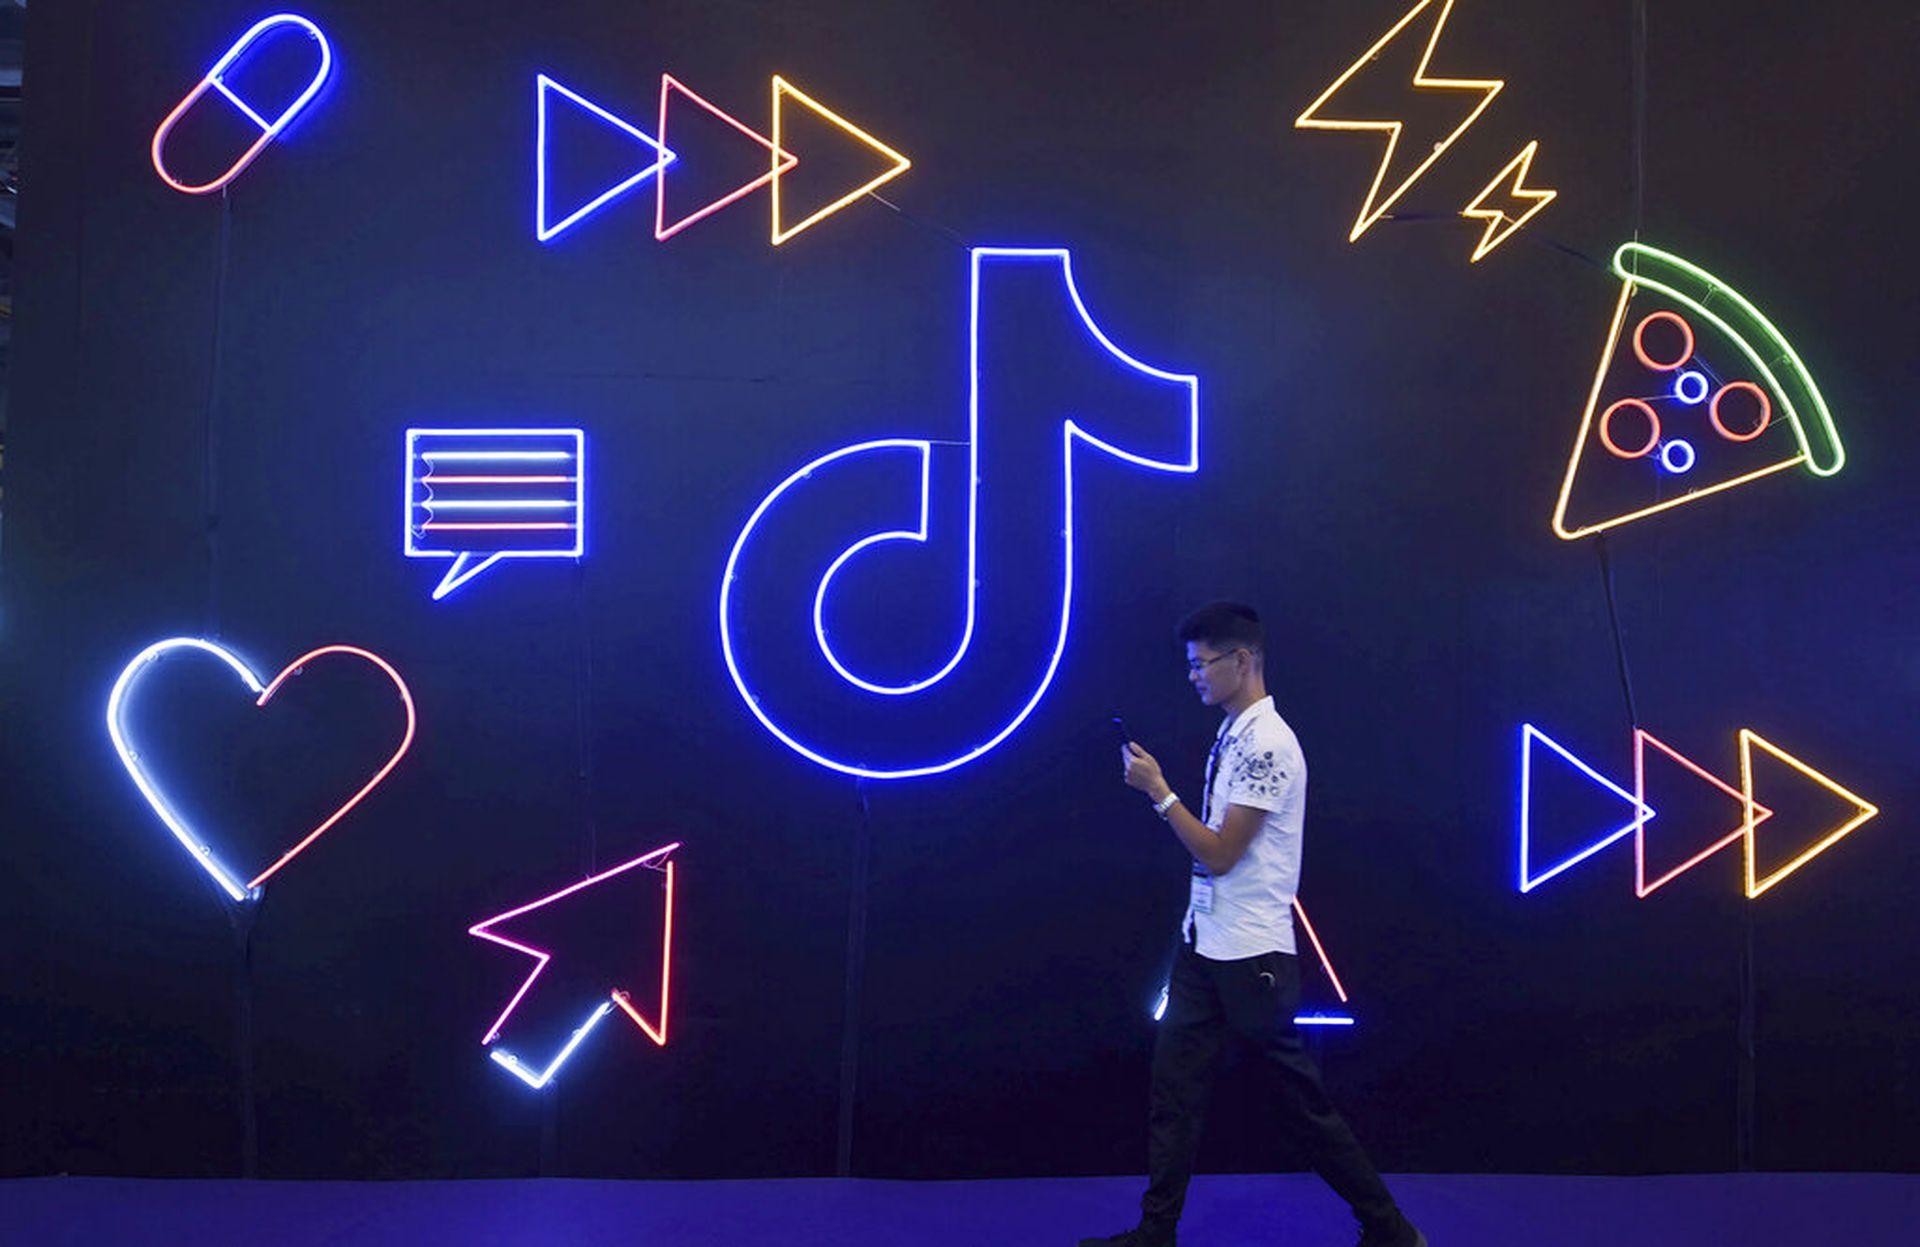 TikTok是抖音国际版,在中国与国外拥有众多粉丝。图为2019年10月18日,一名男子参加在中国杭州市举行的博览会,场内有一个抖音的灯光装置。(AP)